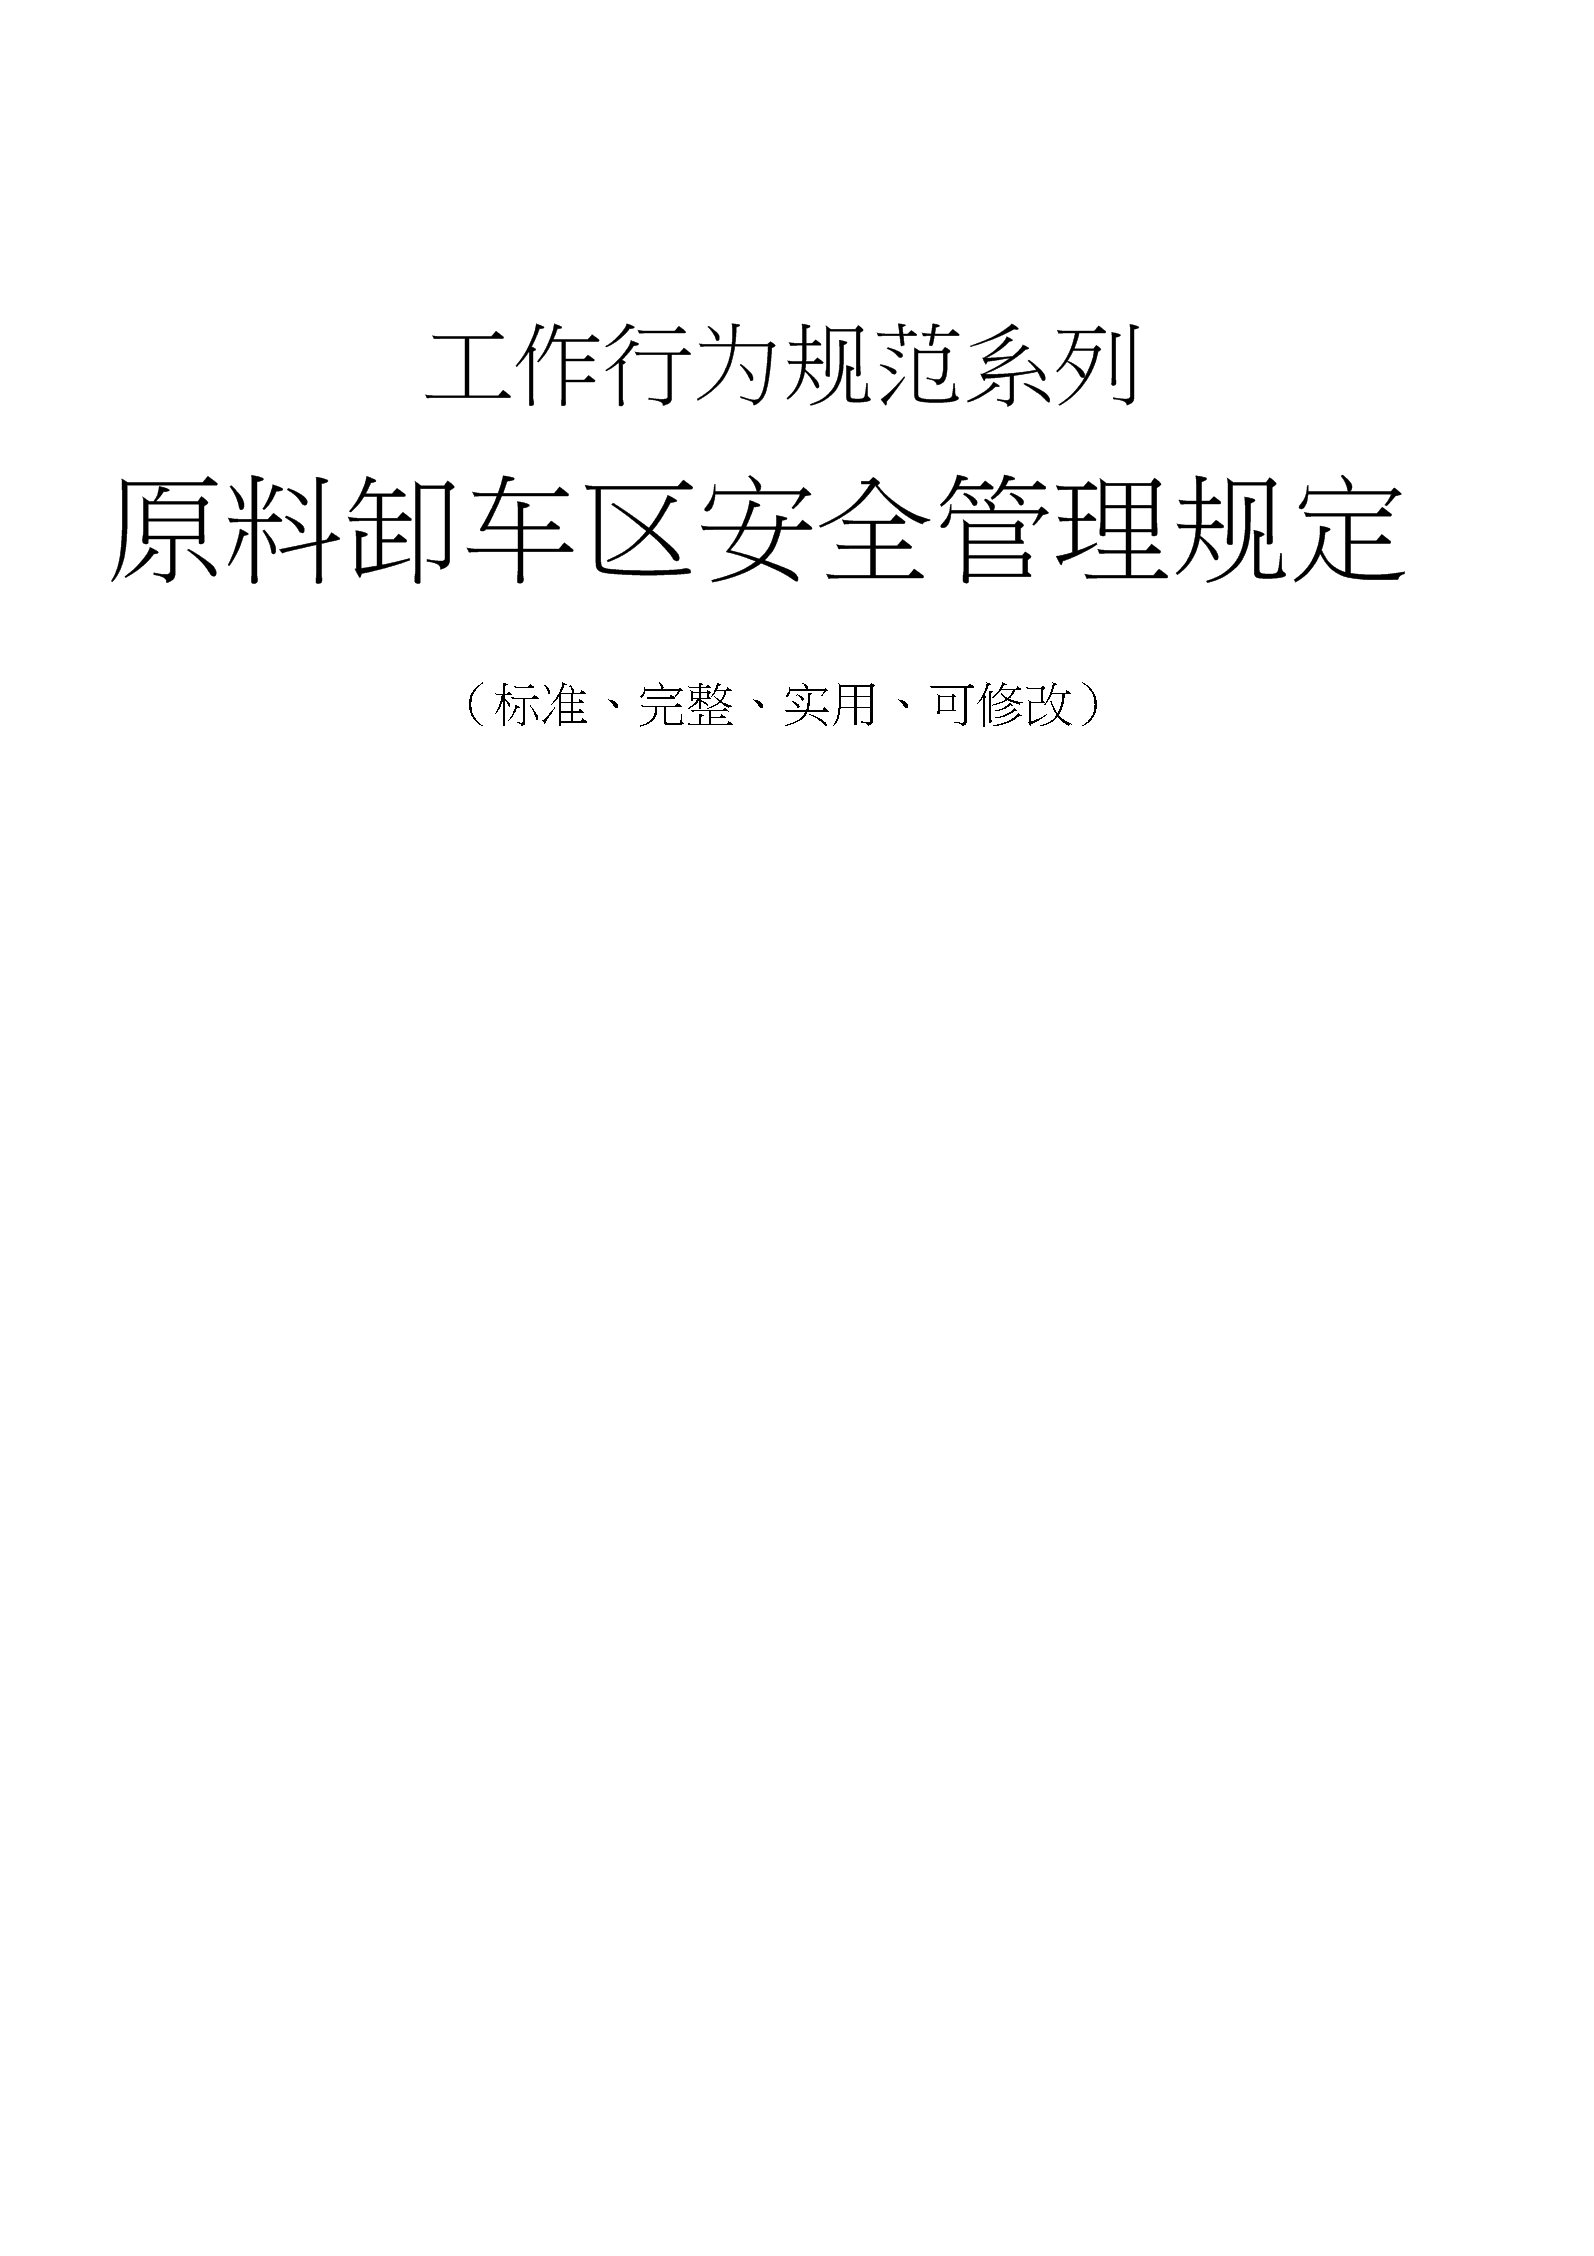 原料卸车区安全管理规定.docx